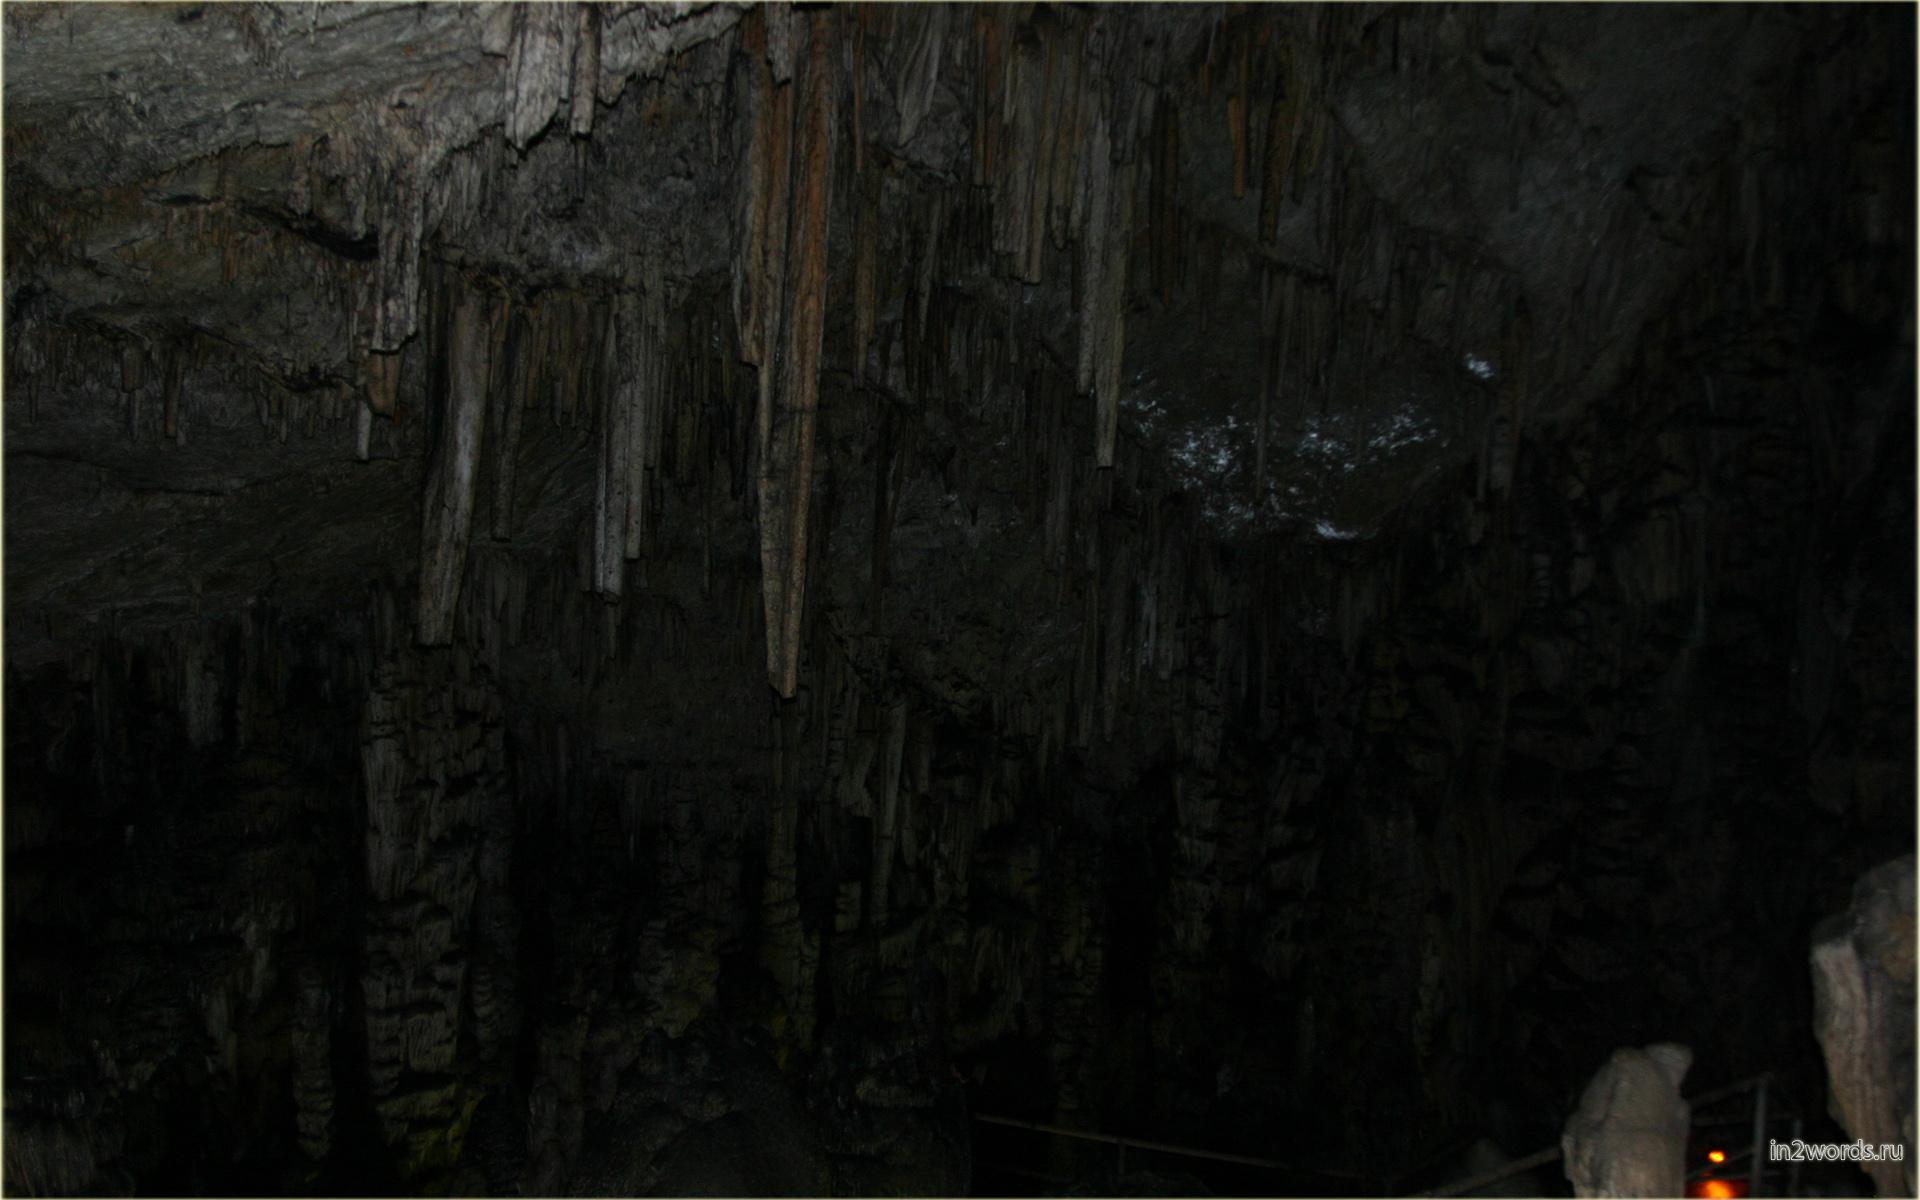 Пещеры острова Крит. Пещера Зевса. Греция.